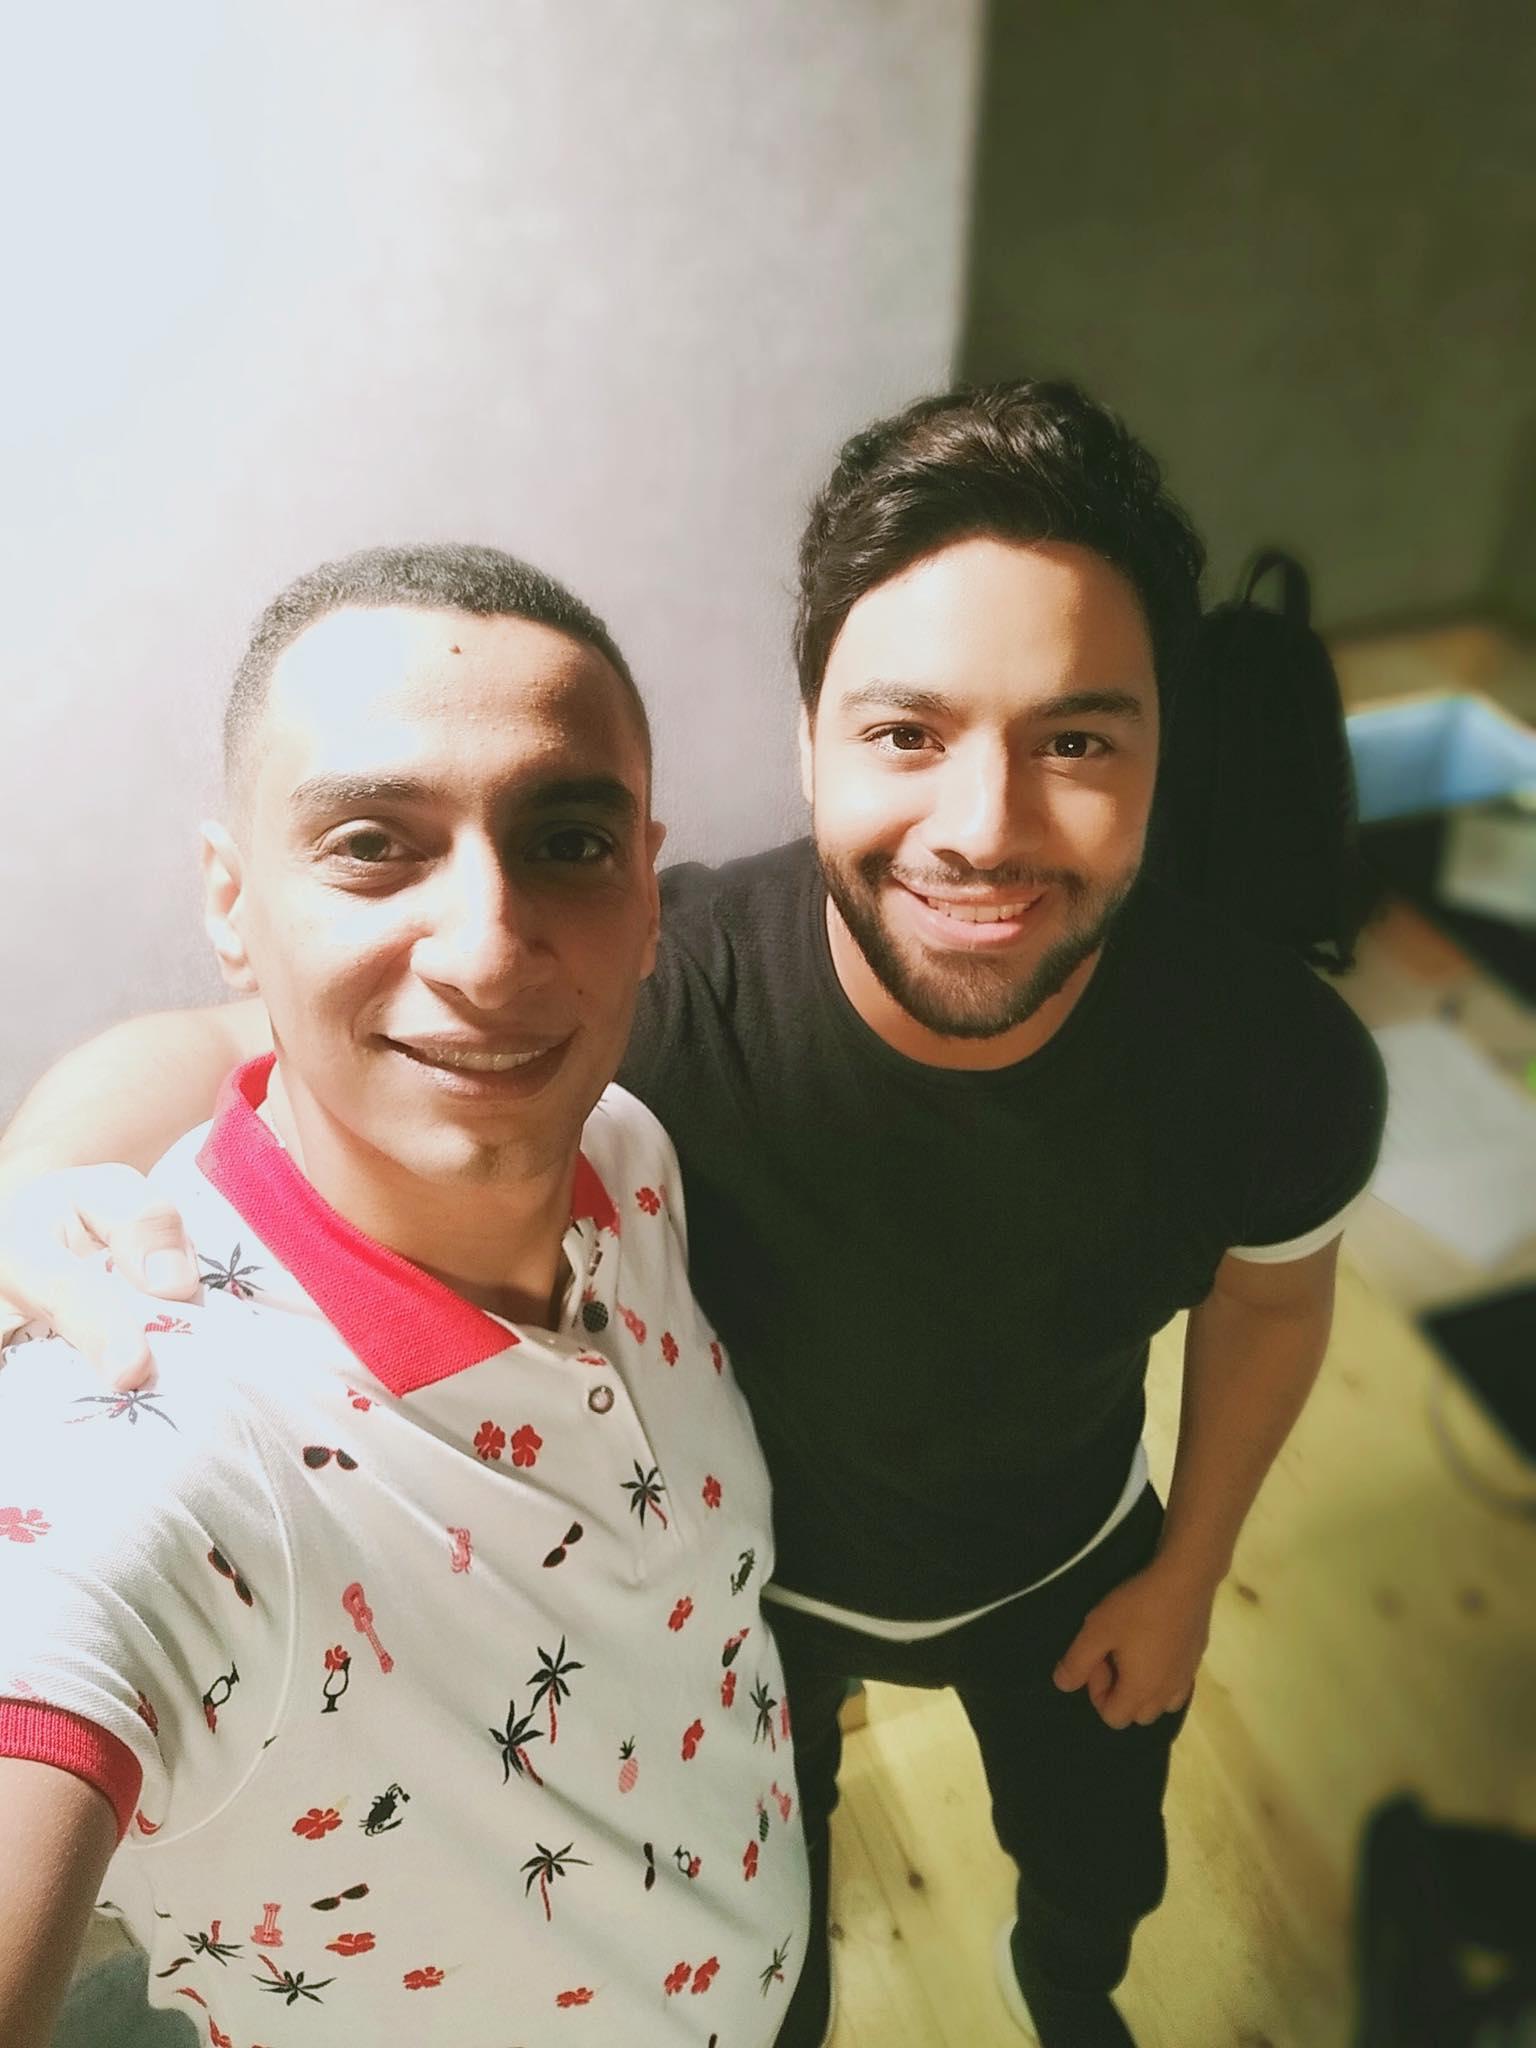 أحمد جمال والموزع أحمد عاطف